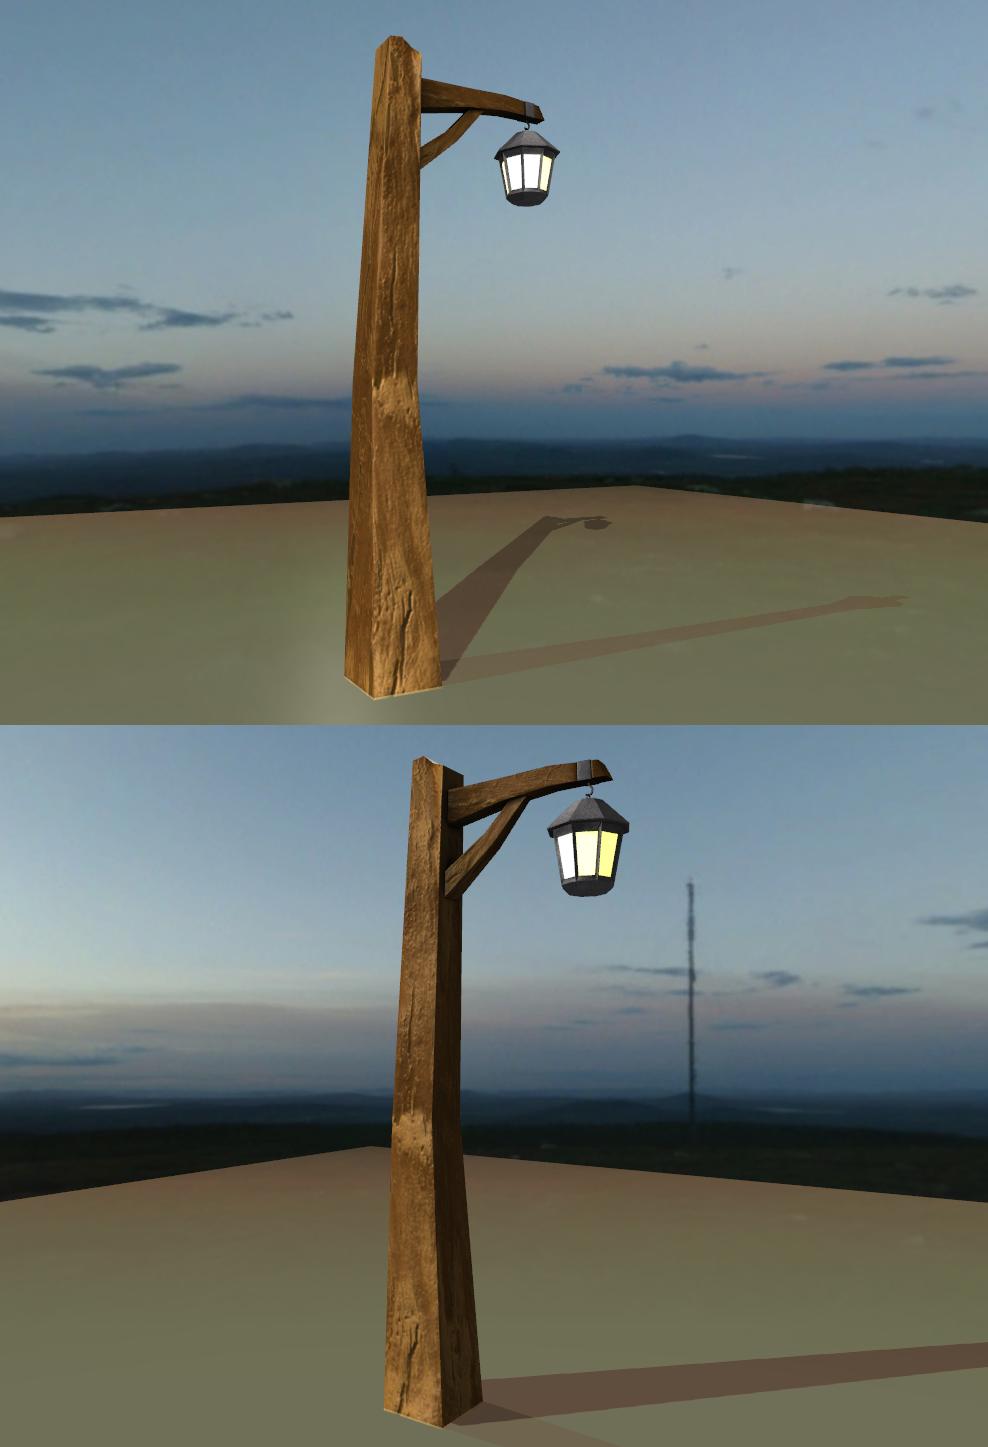 Wooden Lamp Post By Xelawebdev Wooden Lamp Post By Xelawebdev